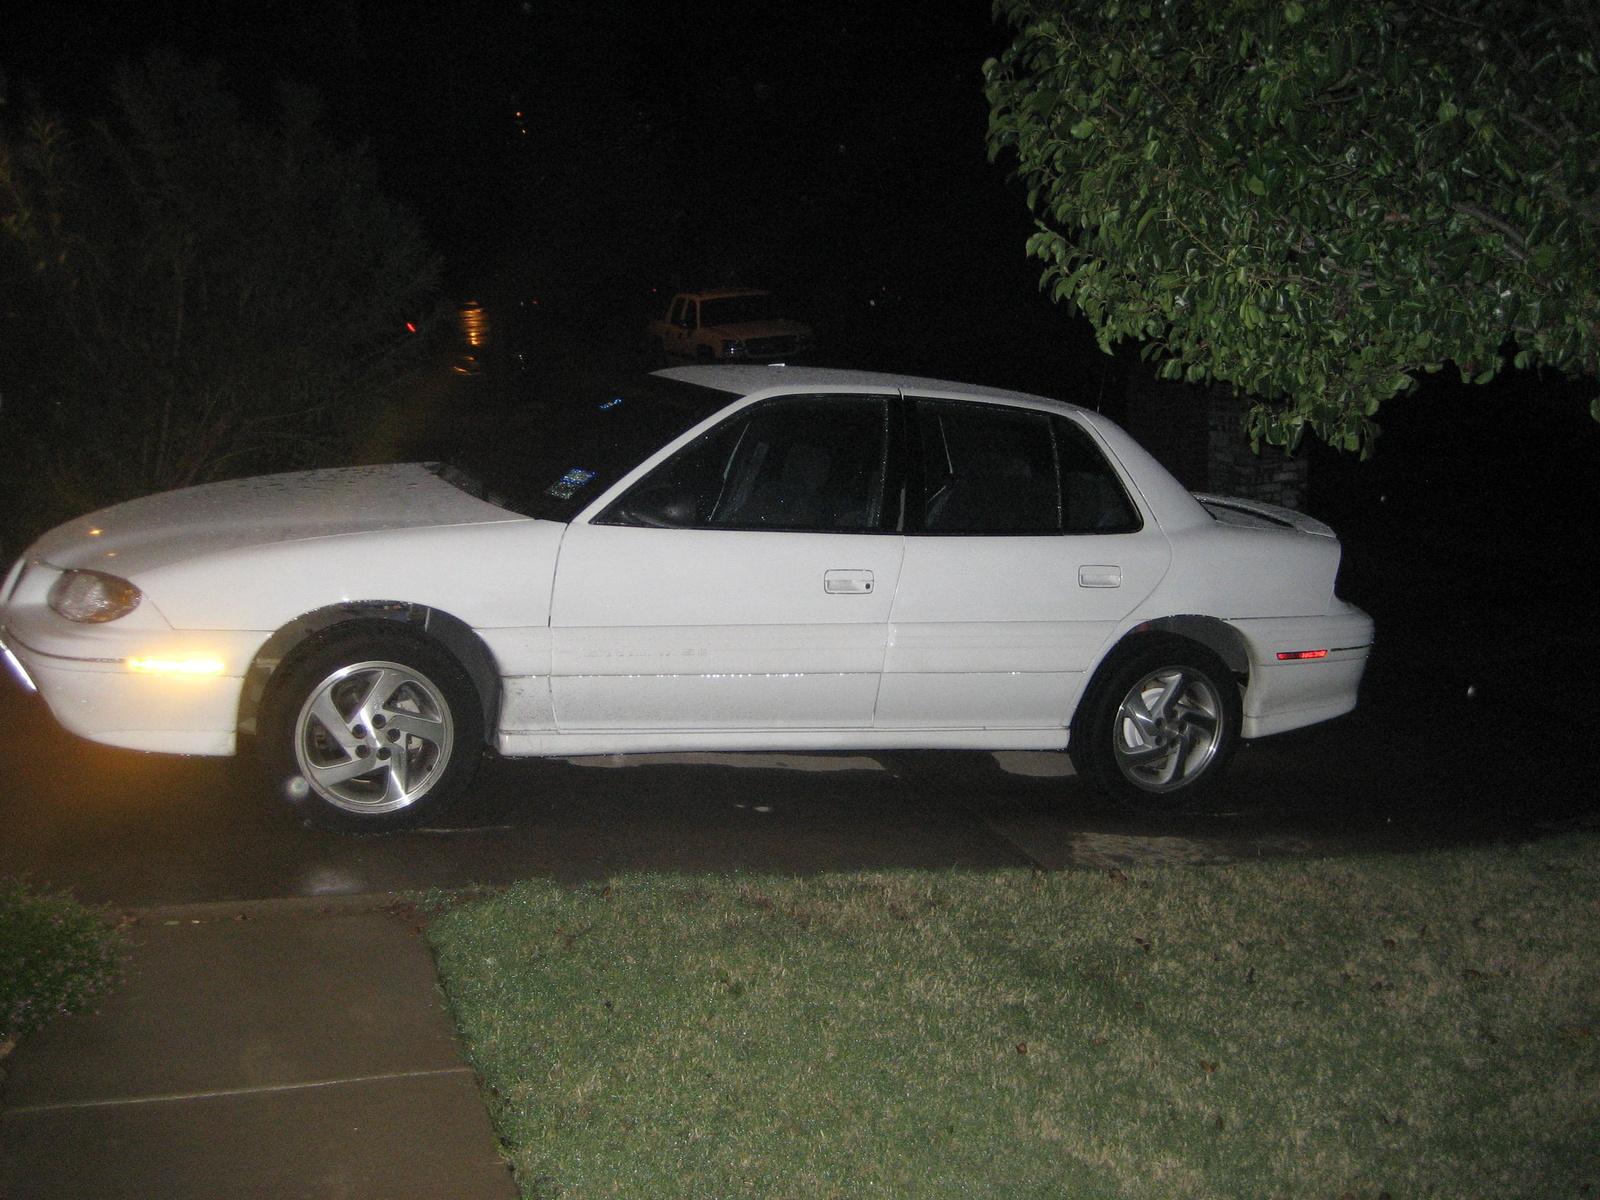 Image 49 Of 50 2002 Pontiac Grand Am Se Sedan In Dark Tropic 1998 Pictures Cargurus